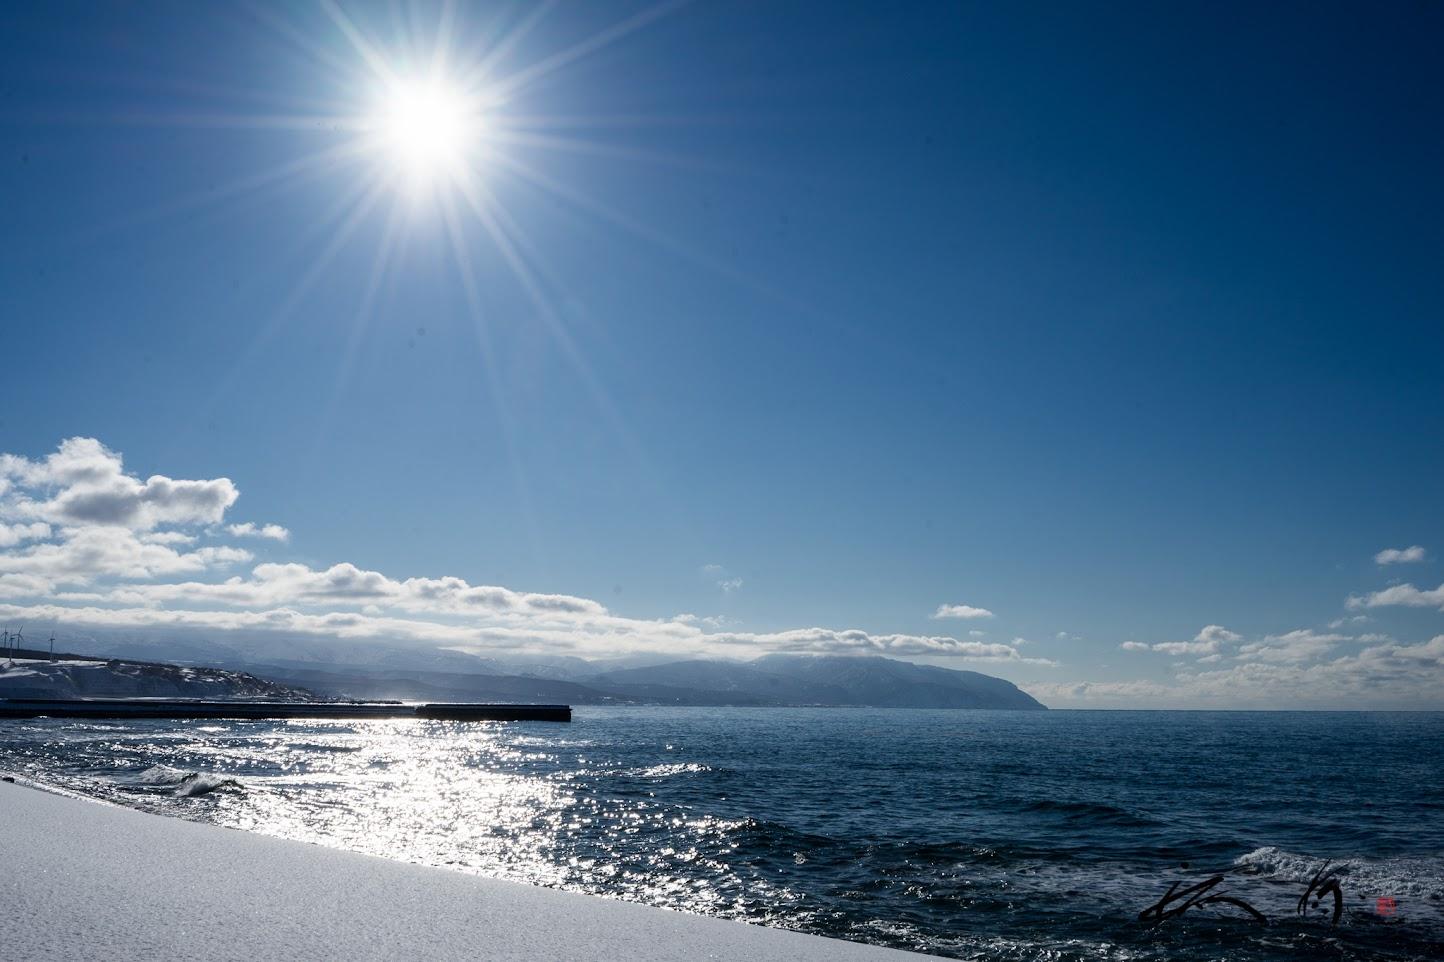 光を浴びて煌めく、穏やかな海